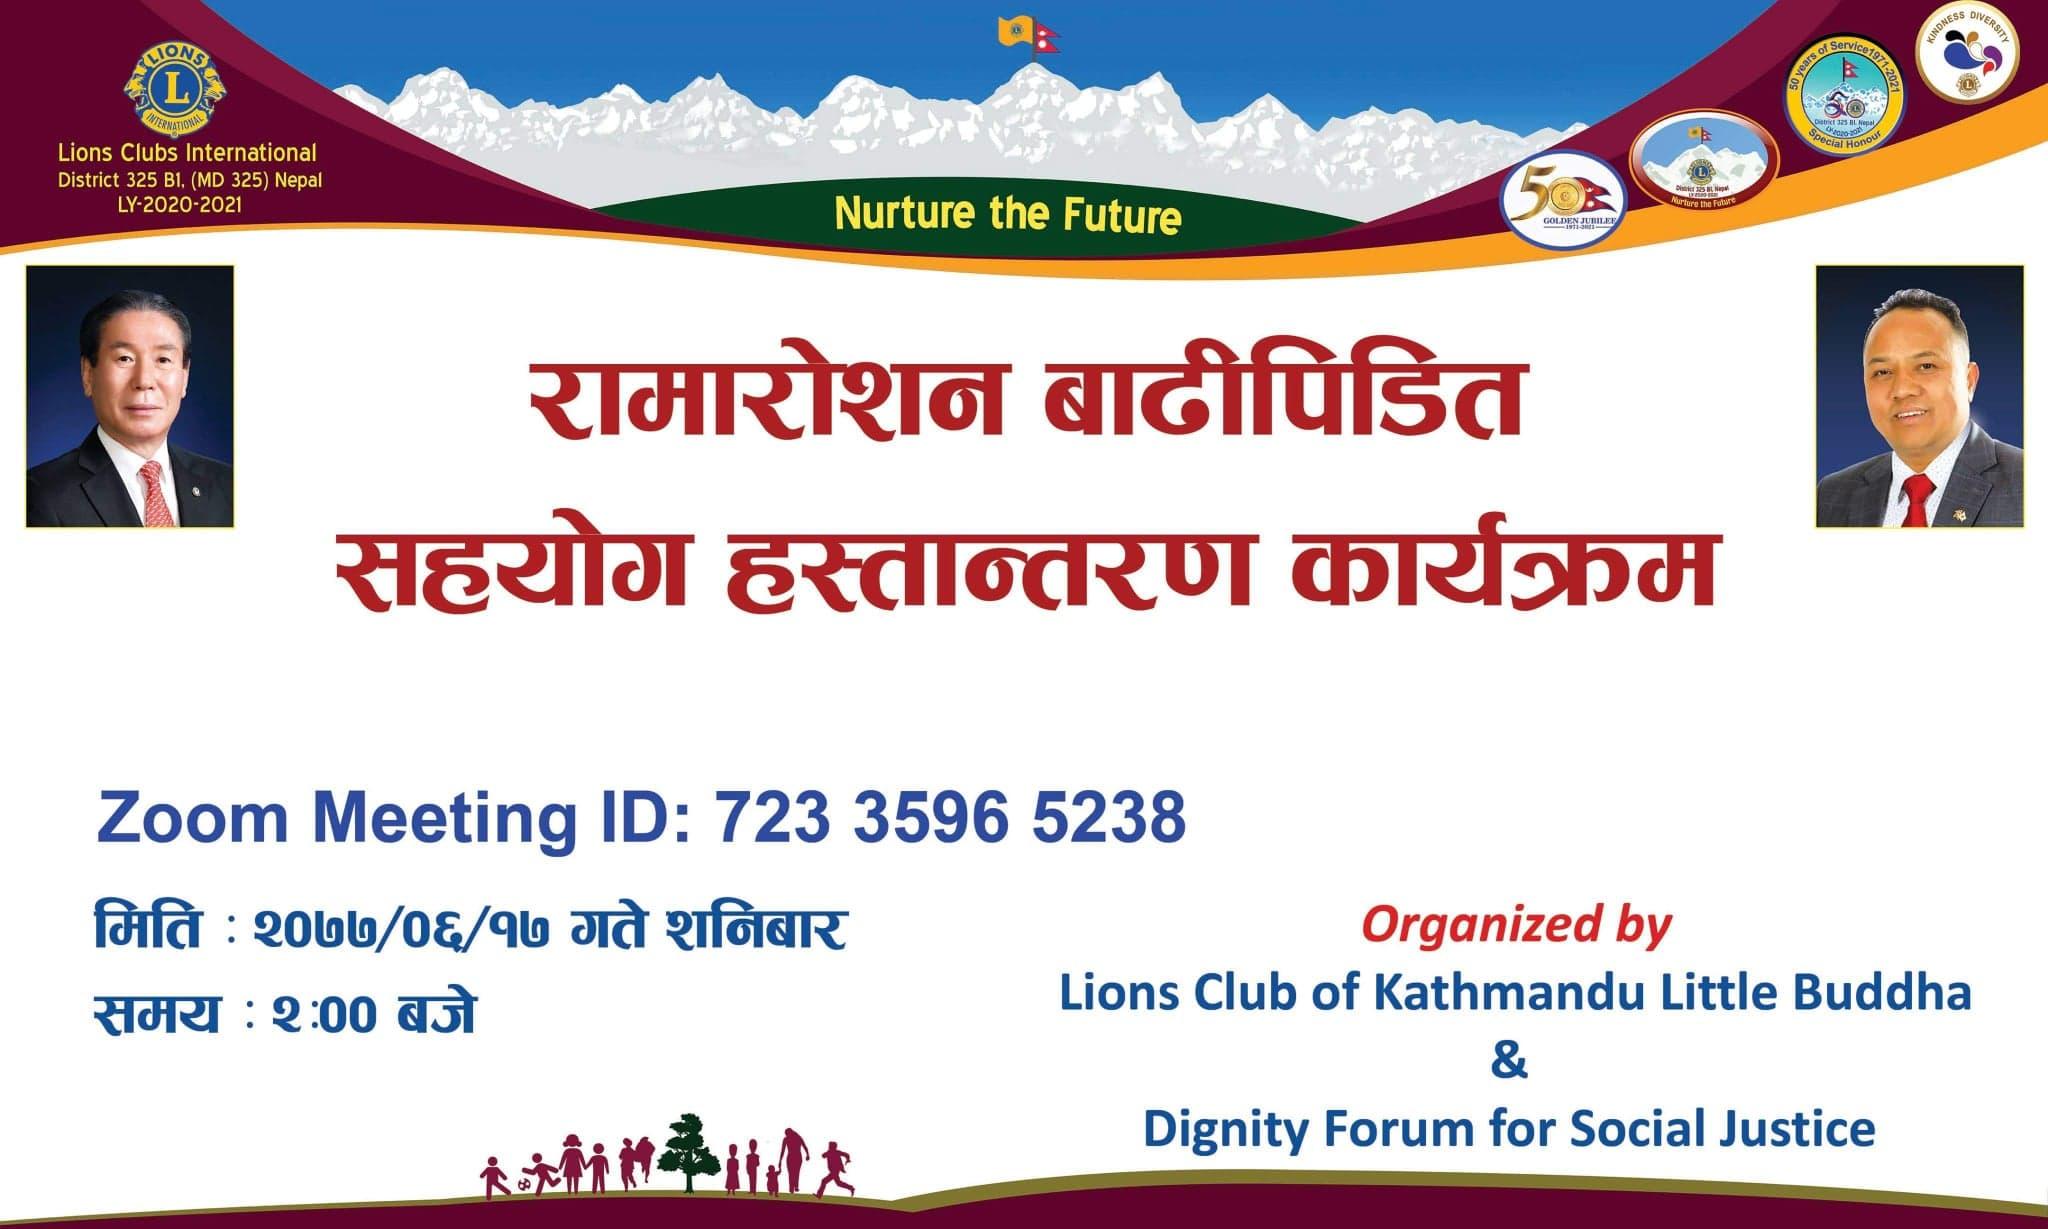 लायन्स क्लब अफ काठमाडौ लिटल बुद्ध र ड्रिम  नेपाल द्धारा  राहत वितरण